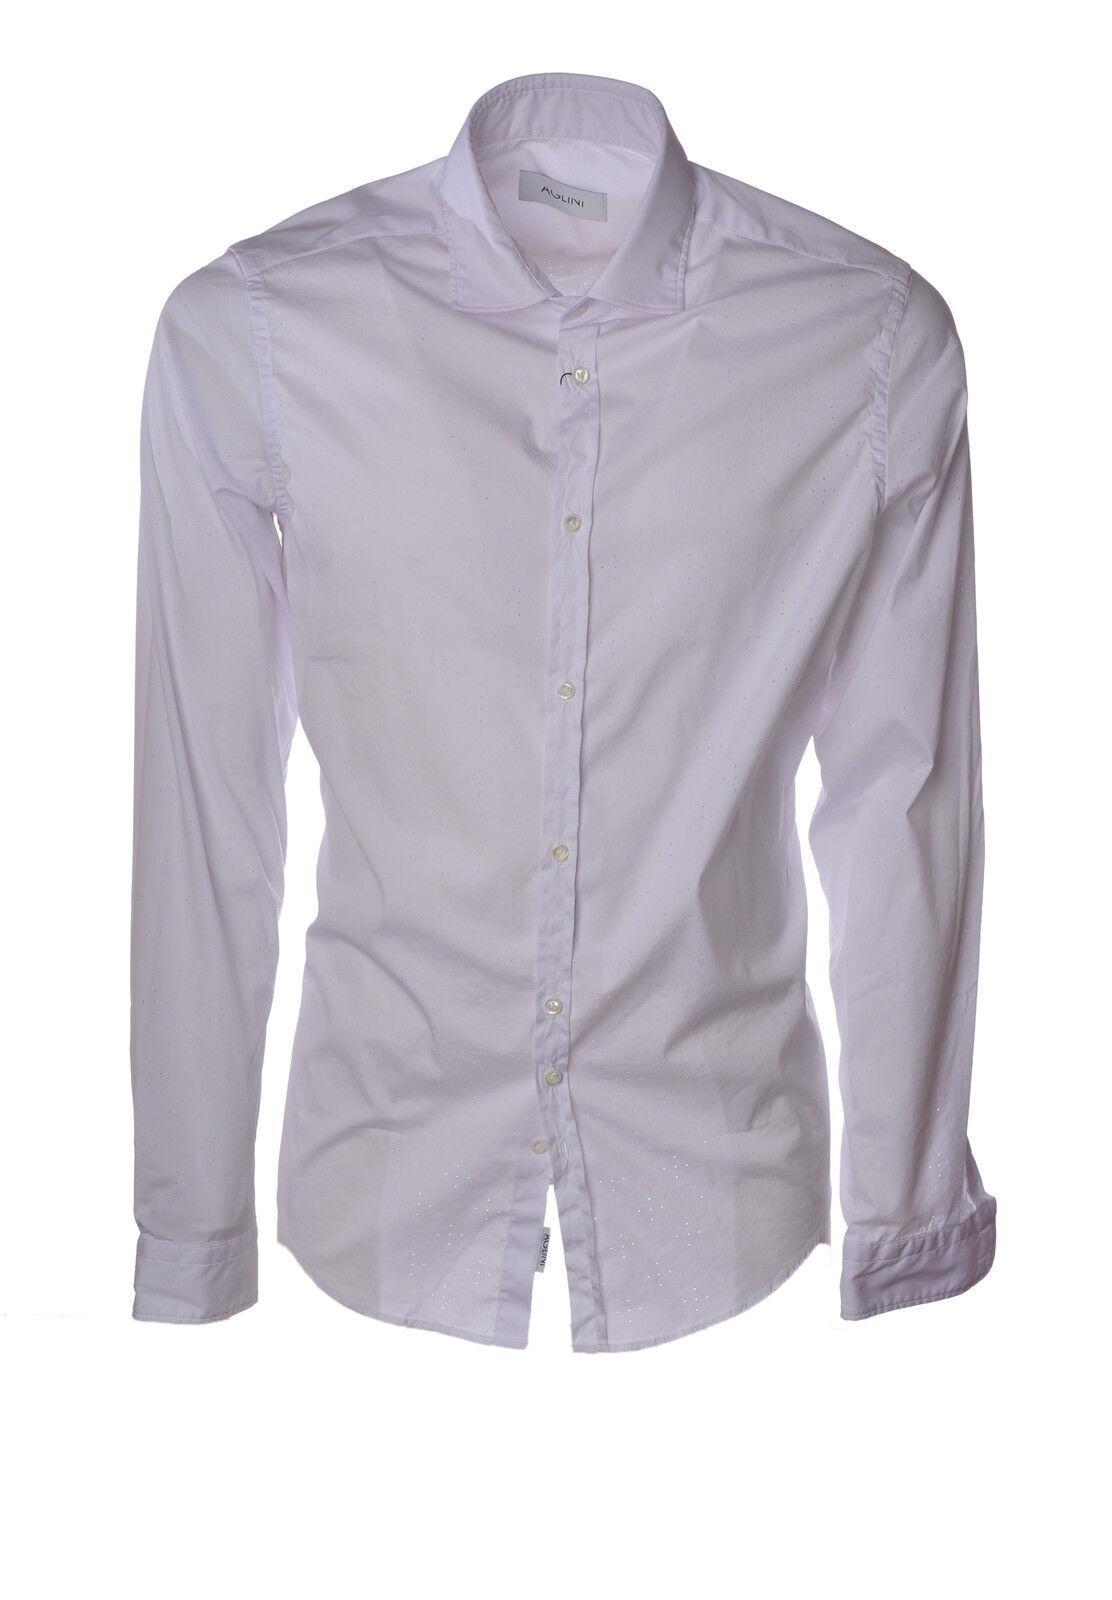 Aglini - bluesen-Shirt - Mann - white - 3181913A193549